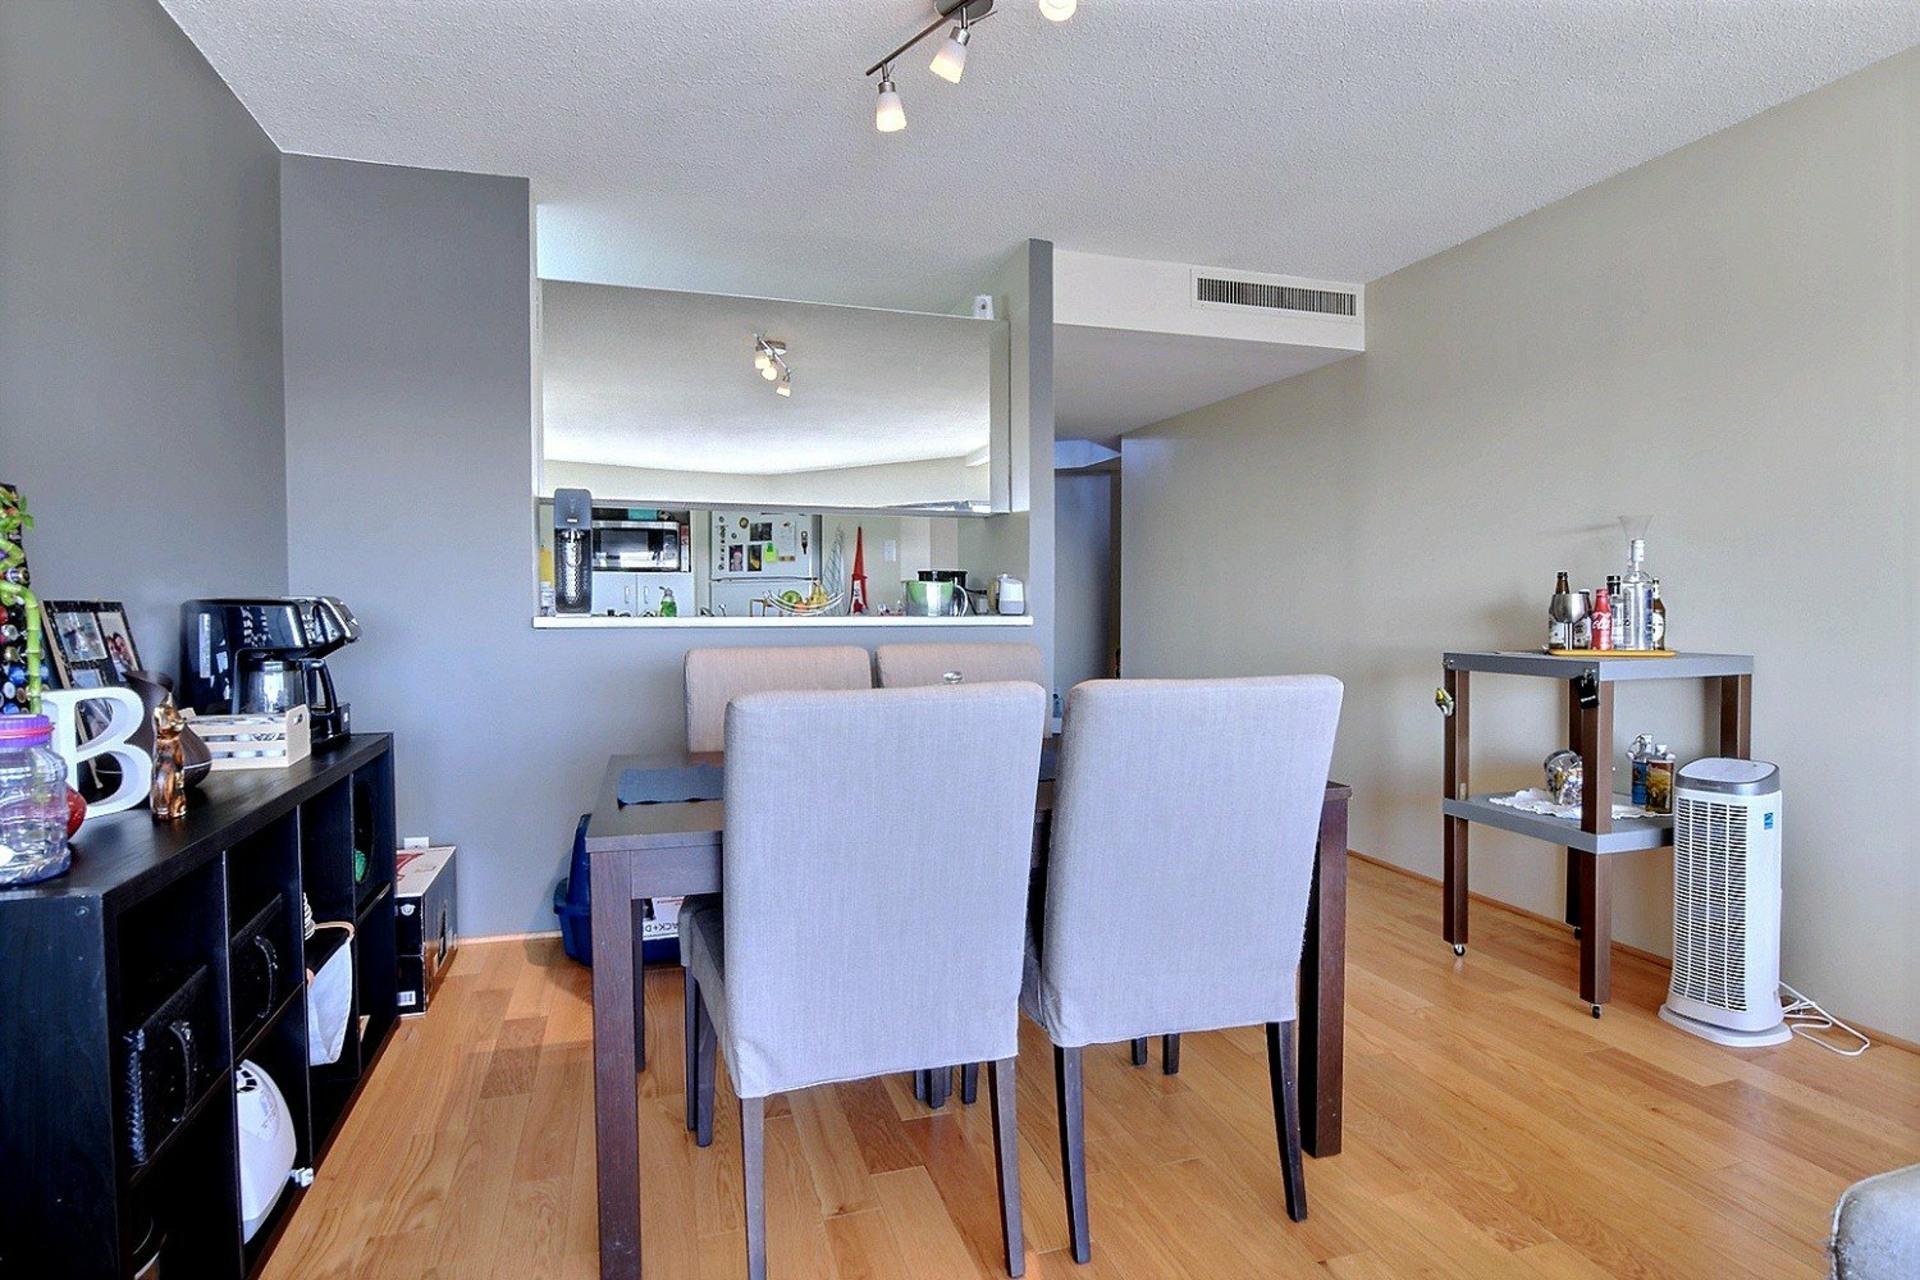 image 6 - Appartement À vendre Montréal Verdun/Île-des-Soeurs  - 5 pièces